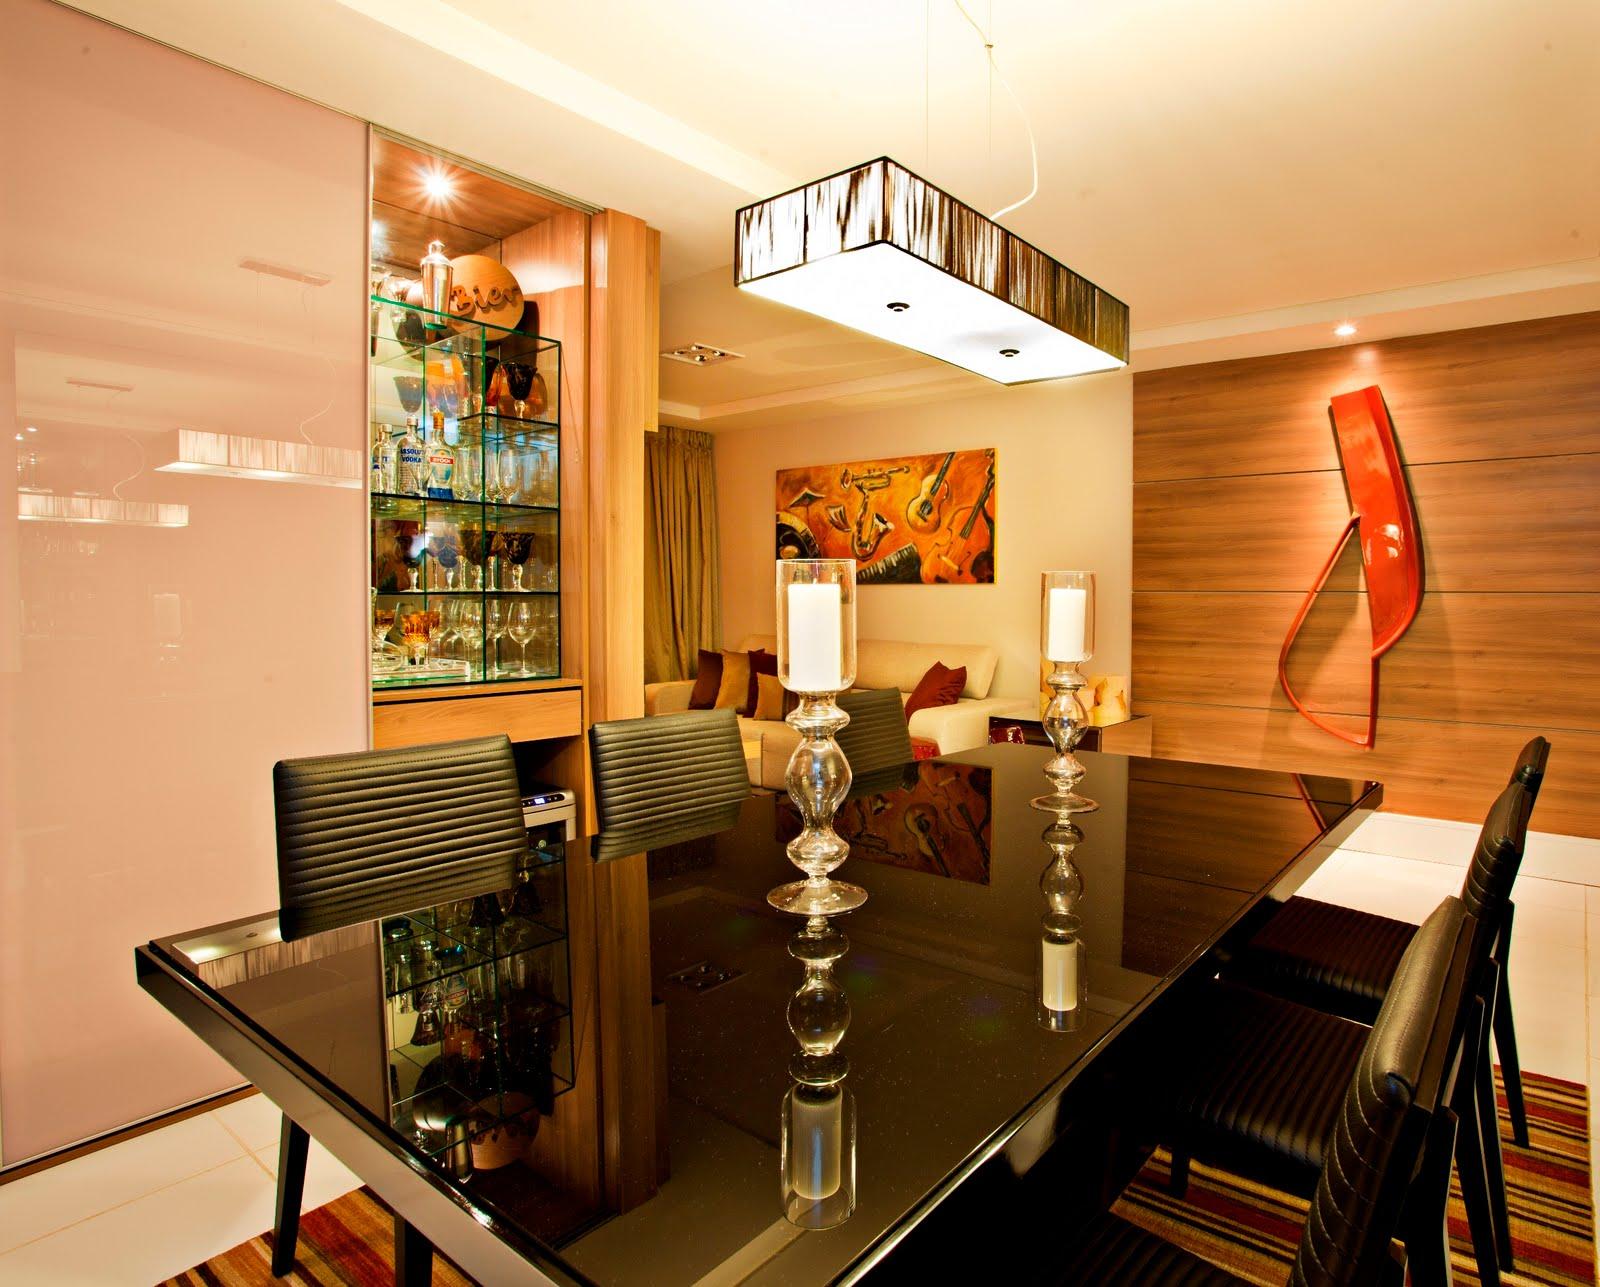 decorando passo a passo A casa na praia: A sala de jantar perfeita #C63A05 1600x1287